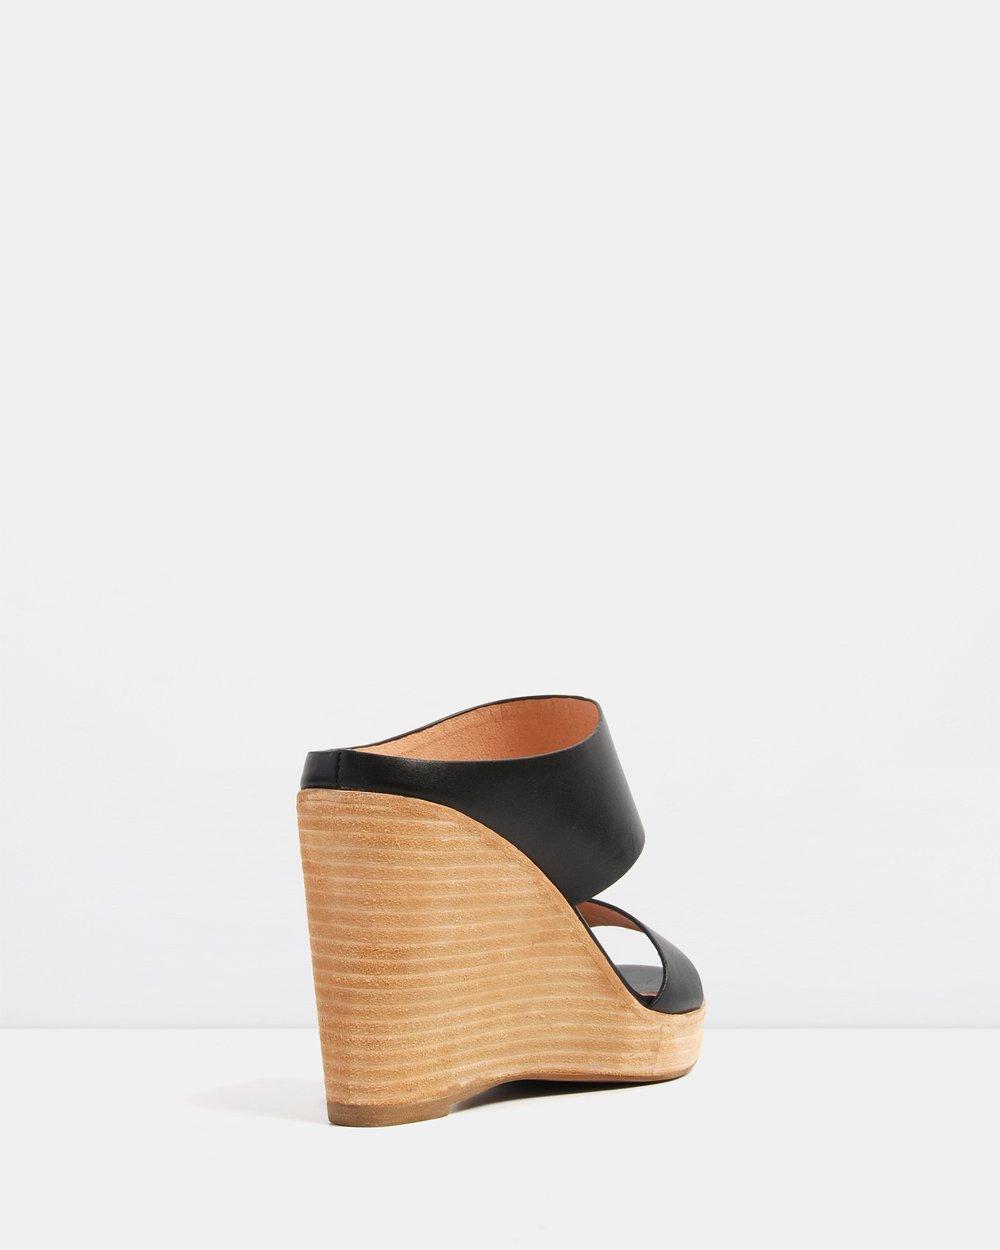 529edcfc4aee Bite Wedge Sandals by Jo Mercer Online